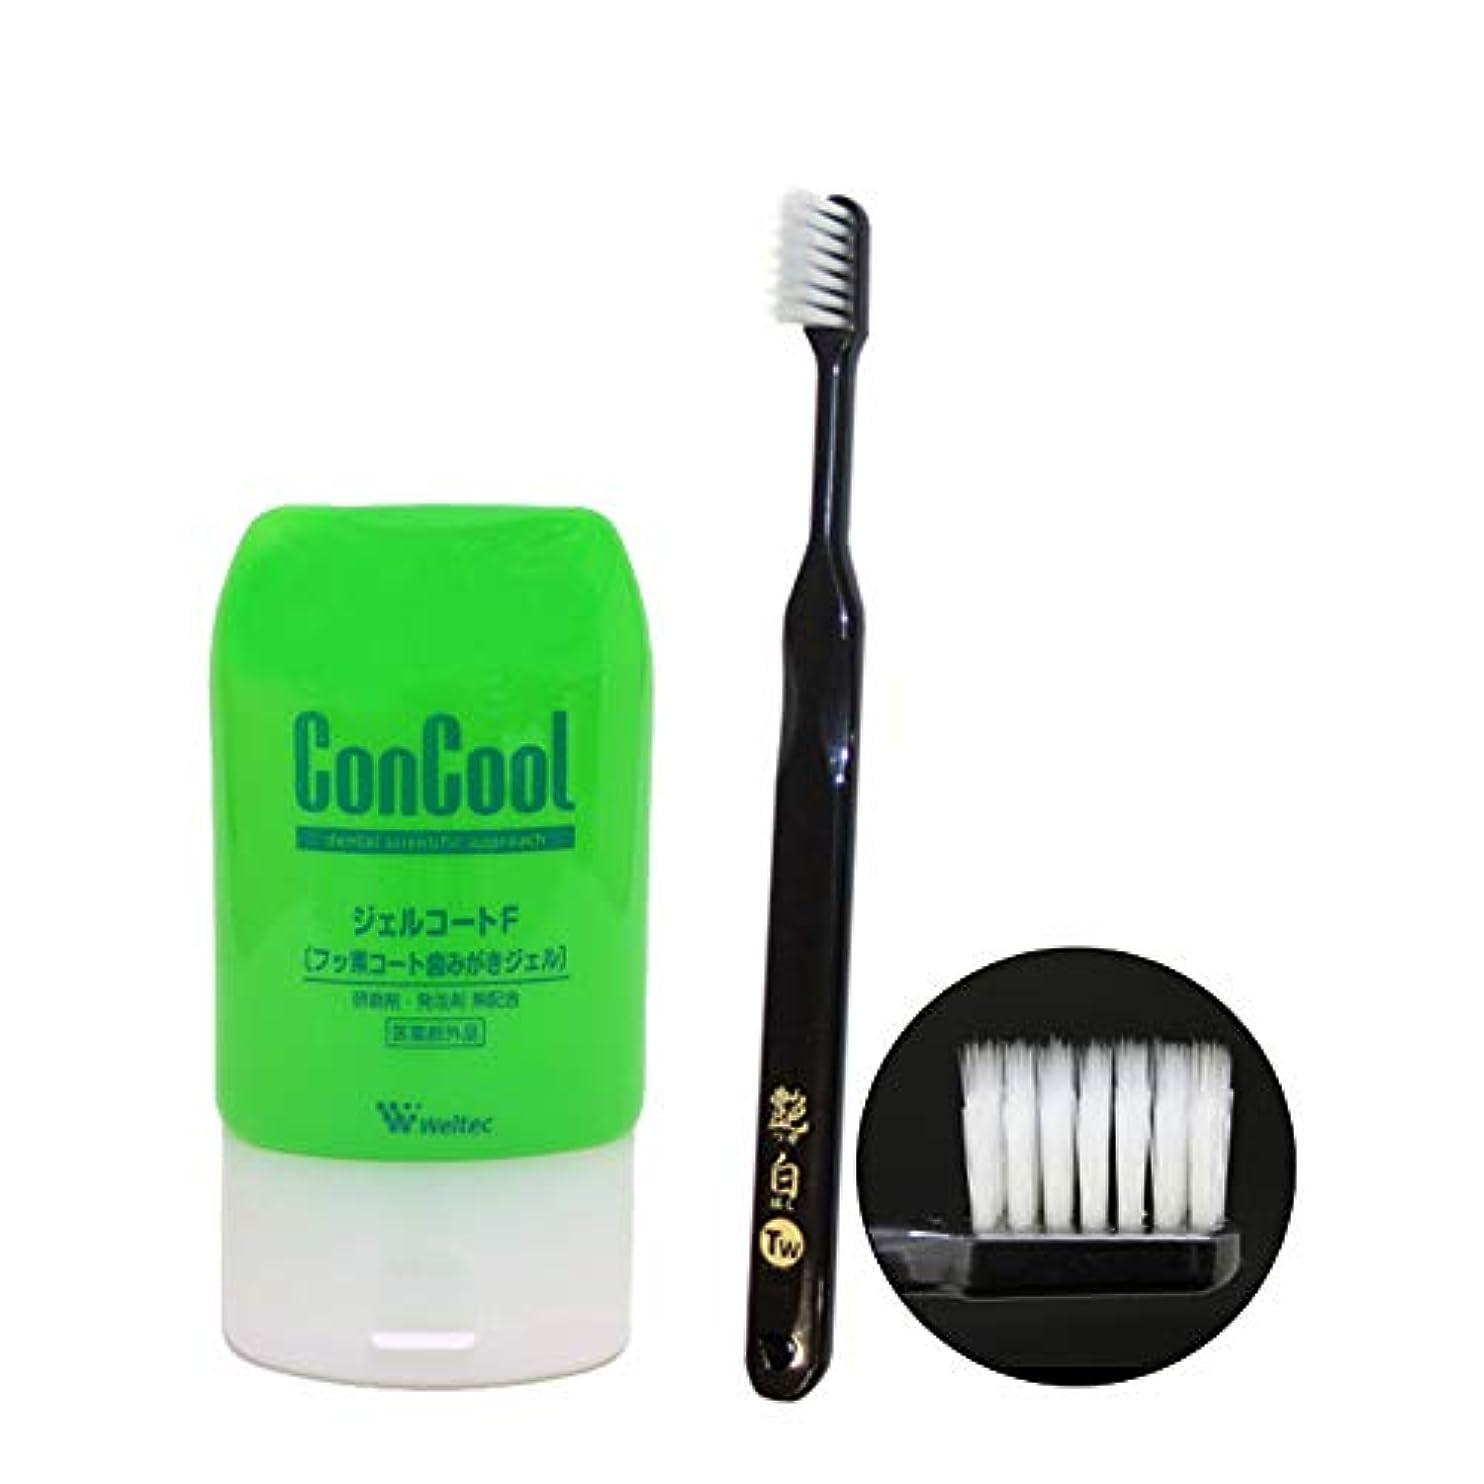 観点敏感な不良品コンクール ジェルコートF 90g×1個 + 艶白 (つやはく) Tw ツイン (二段植毛) 歯ブラシ×1本 MS(やややわらかめ) 日本製 歯科専売品